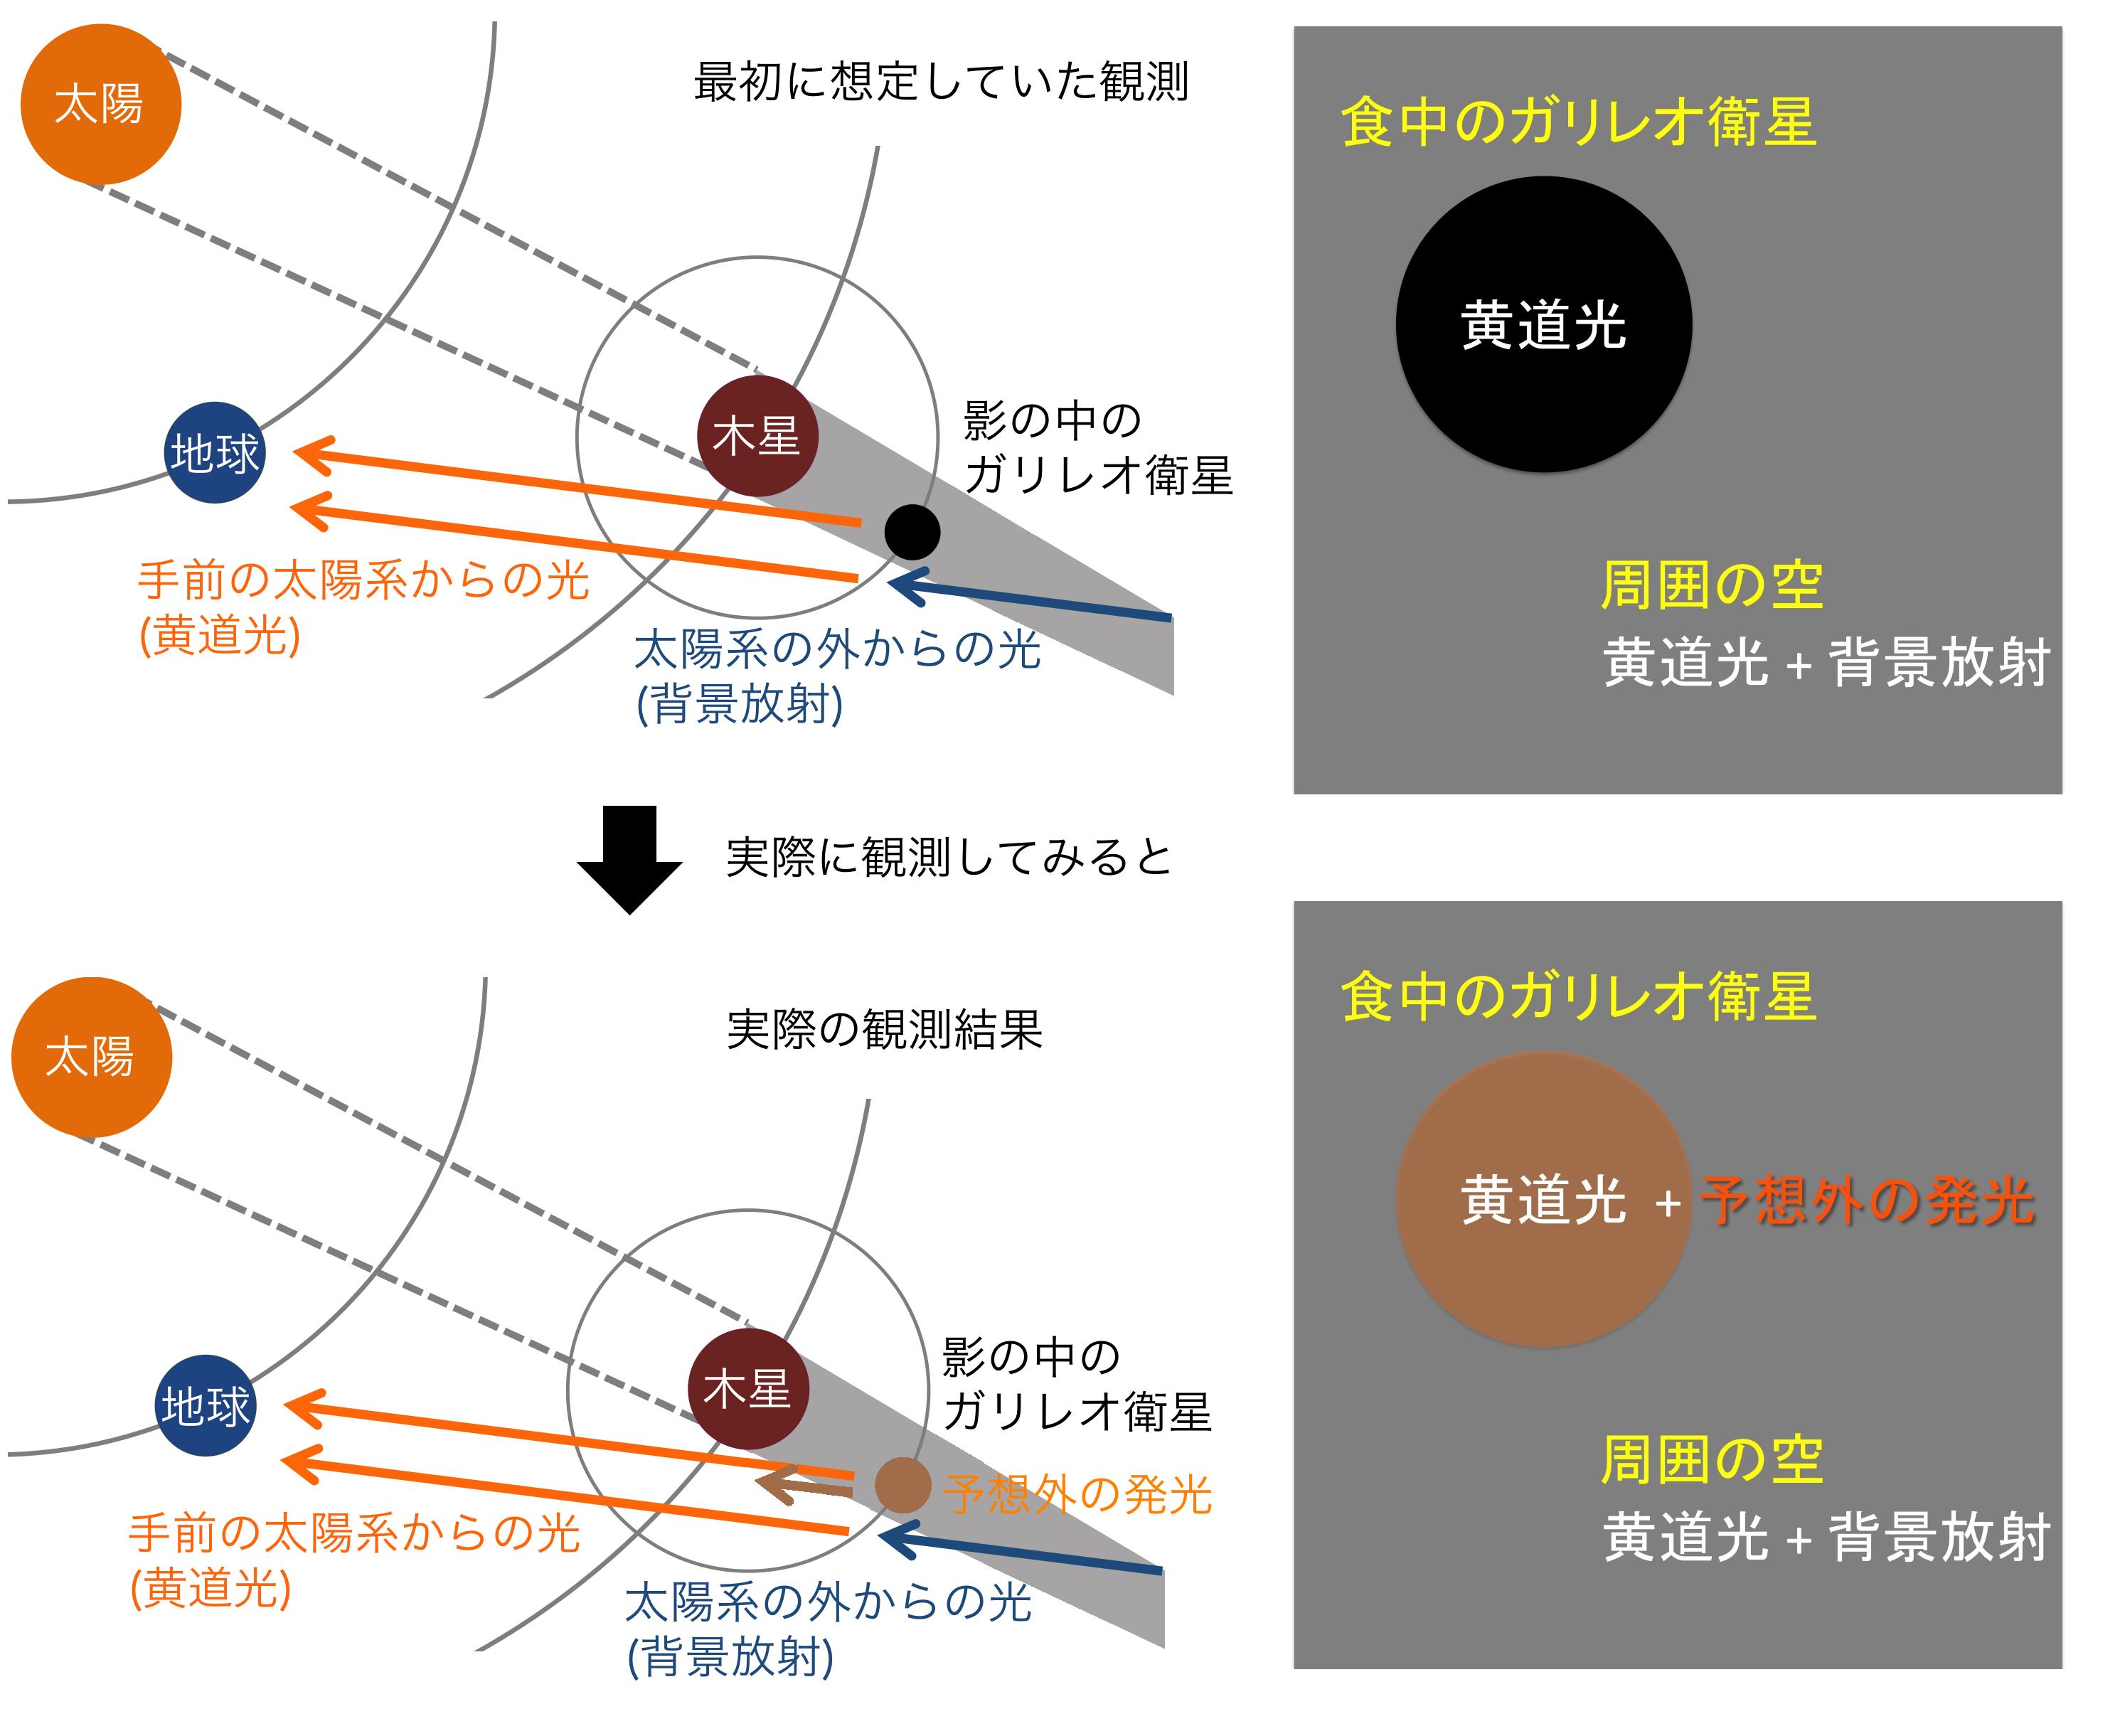 ガリレオ衛星が「月食」中に謎の発光? すばる望遠鏡とハッブル宇宙望遠鏡で観測 図2